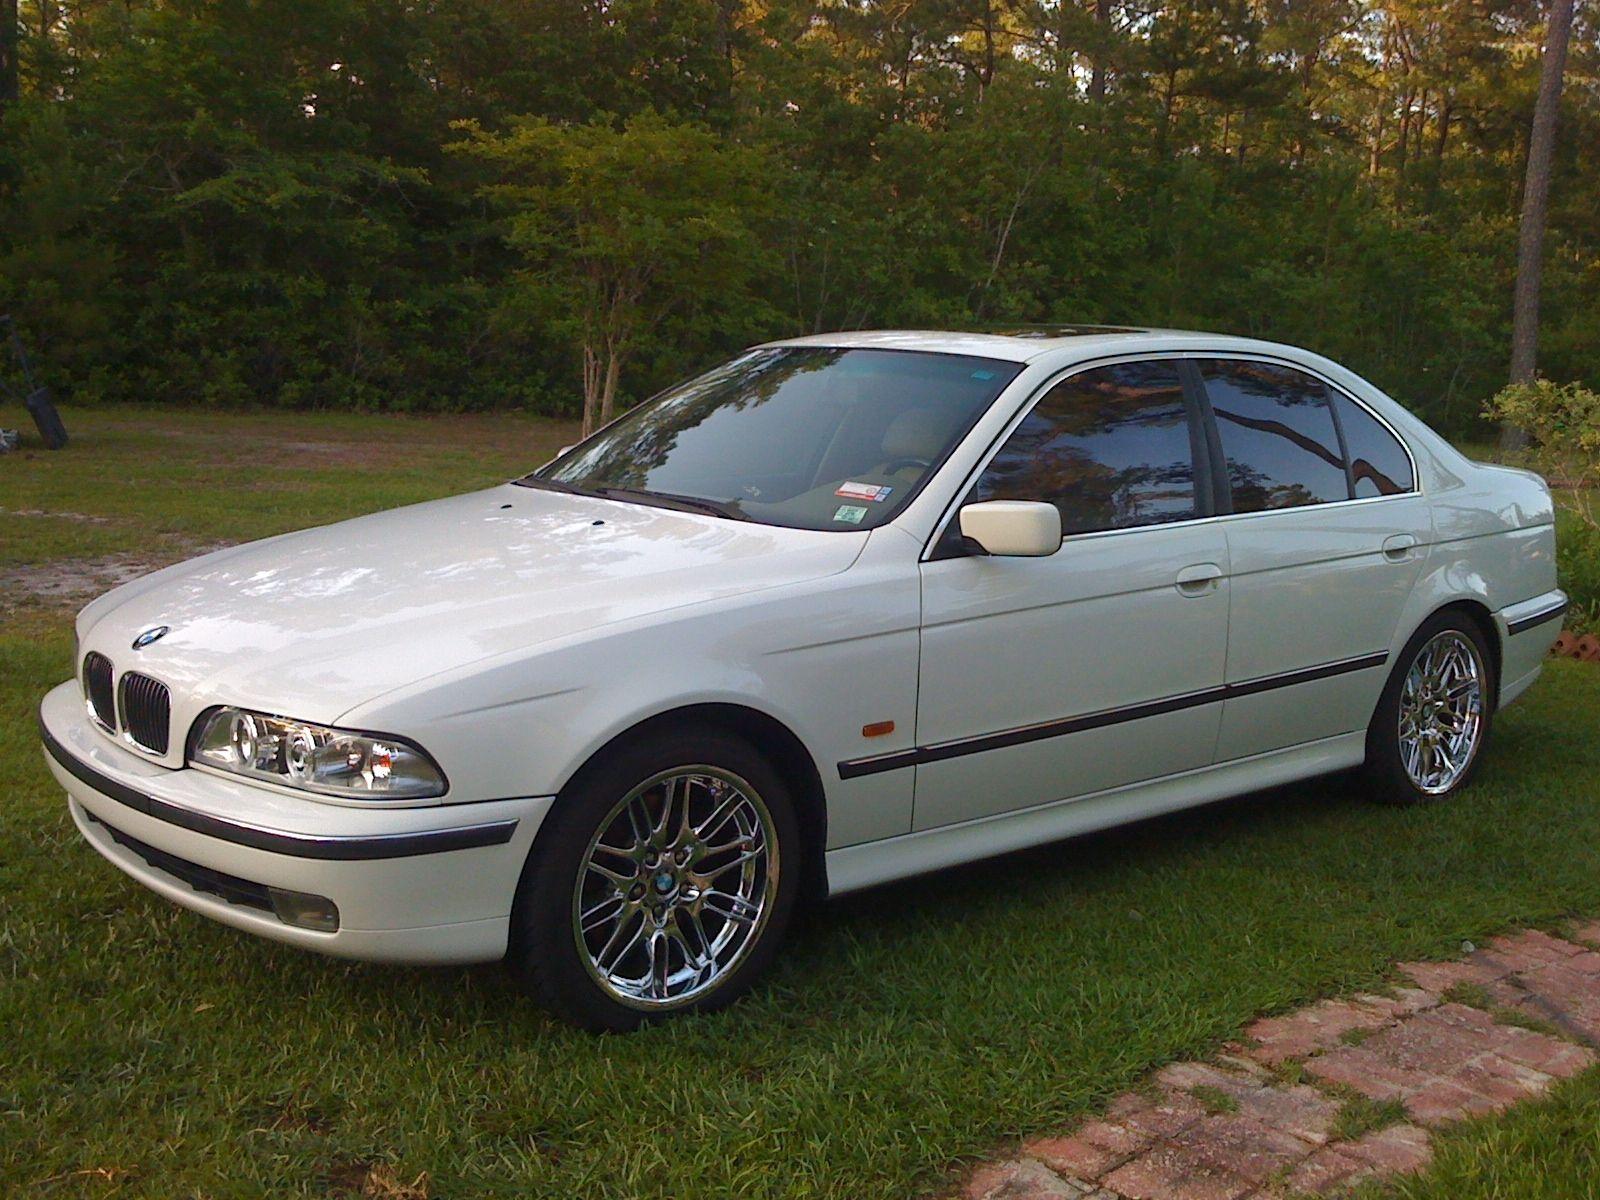 1998 BMW 540i 1990 to 1999 CARZ Bmw, Bmw e39, Bmw cars